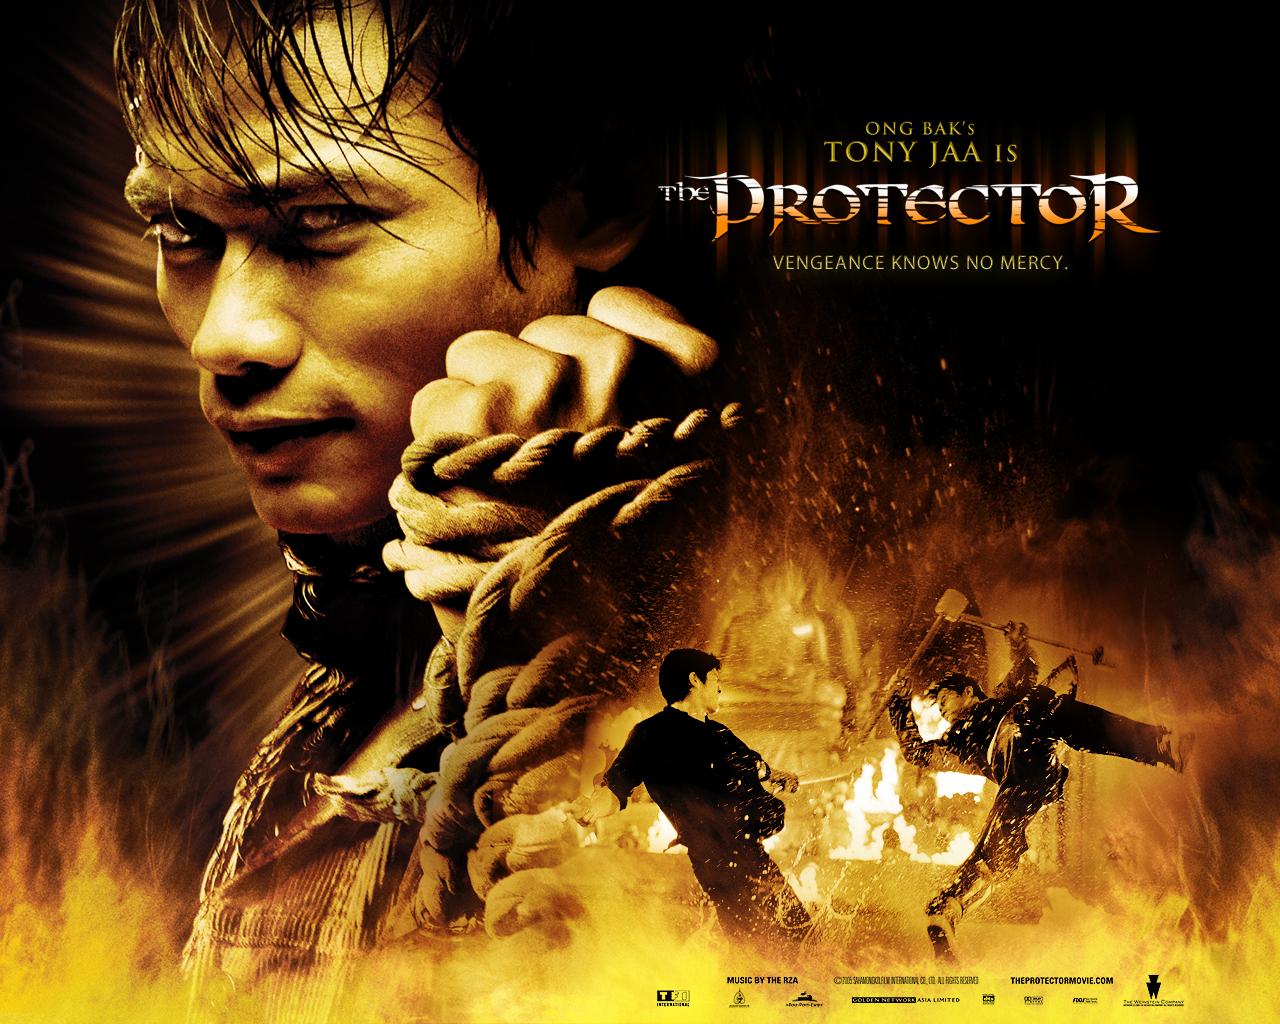 http://1.bp.blogspot.com/-gQO5GH8Xldg/TWYdsI_WORI/AAAAAAAAACM/SG6XrB5zlhk/s1600/Tony_Jaa_in_The_Protector_Wallpaper_001_1024.jpg